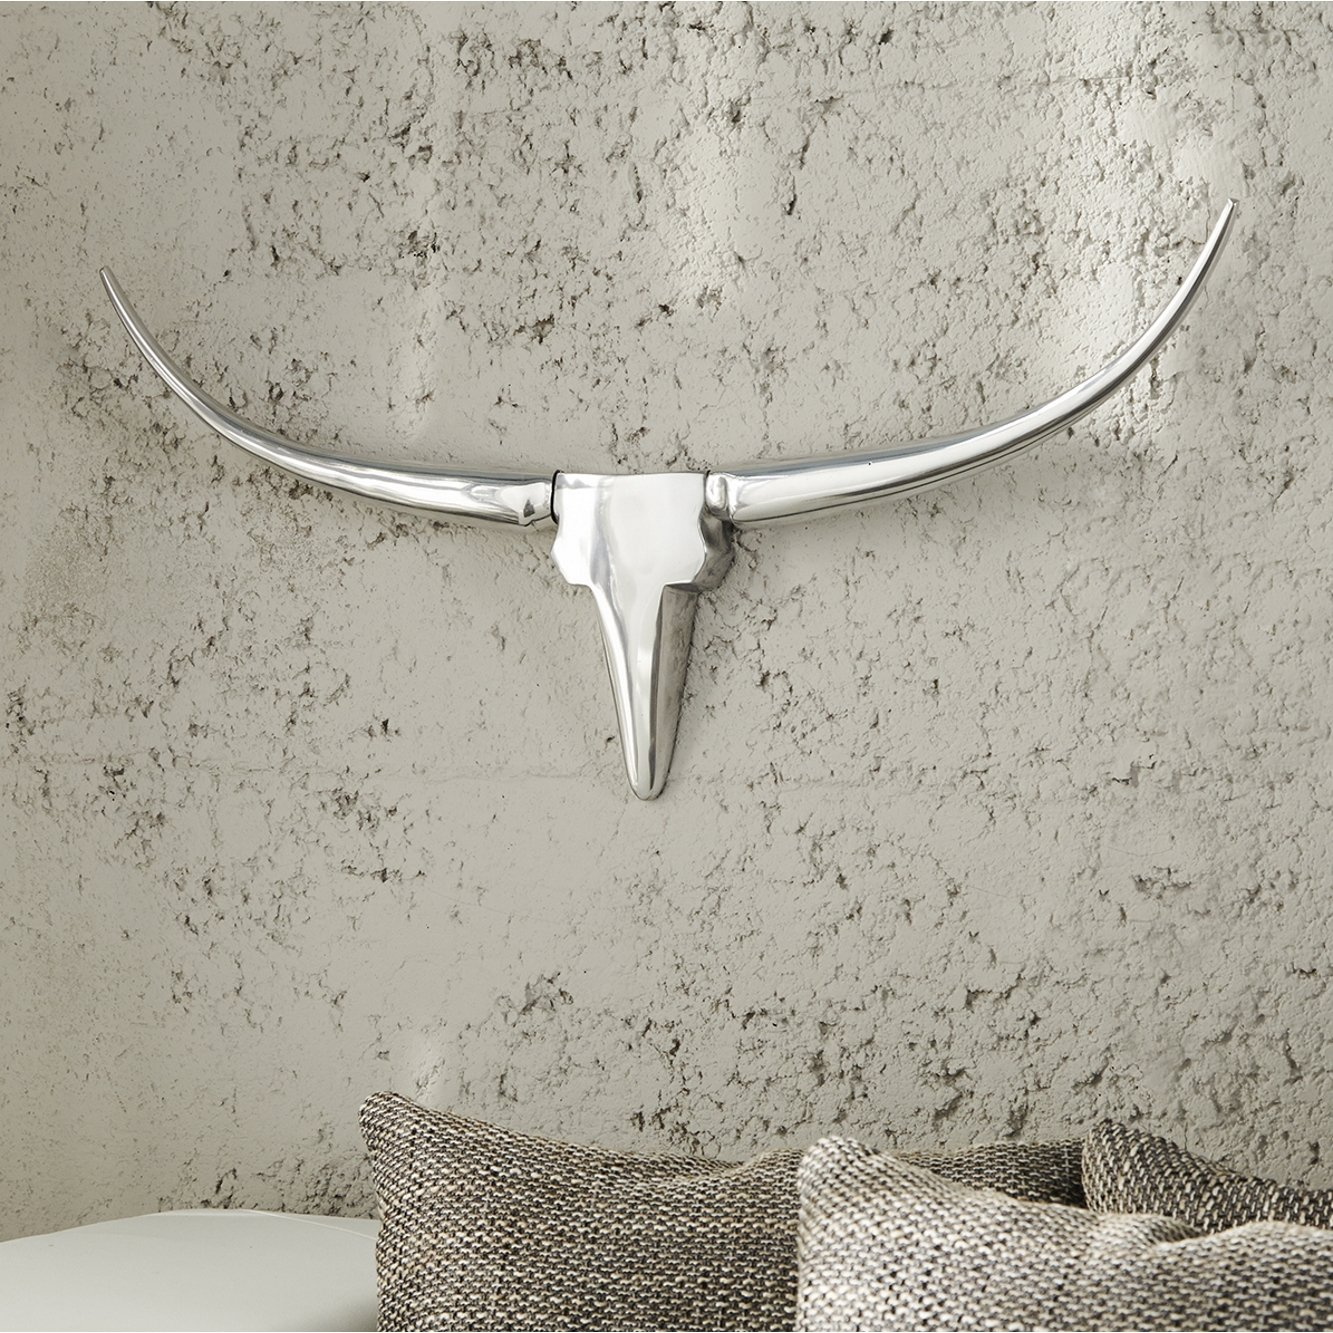 Wanddeko MINOTAURI 75cm Aluminium spiegelpoliert - Schädel Skulptur Figur Stier Statur - Designer Deko Accessoires von ambientica -